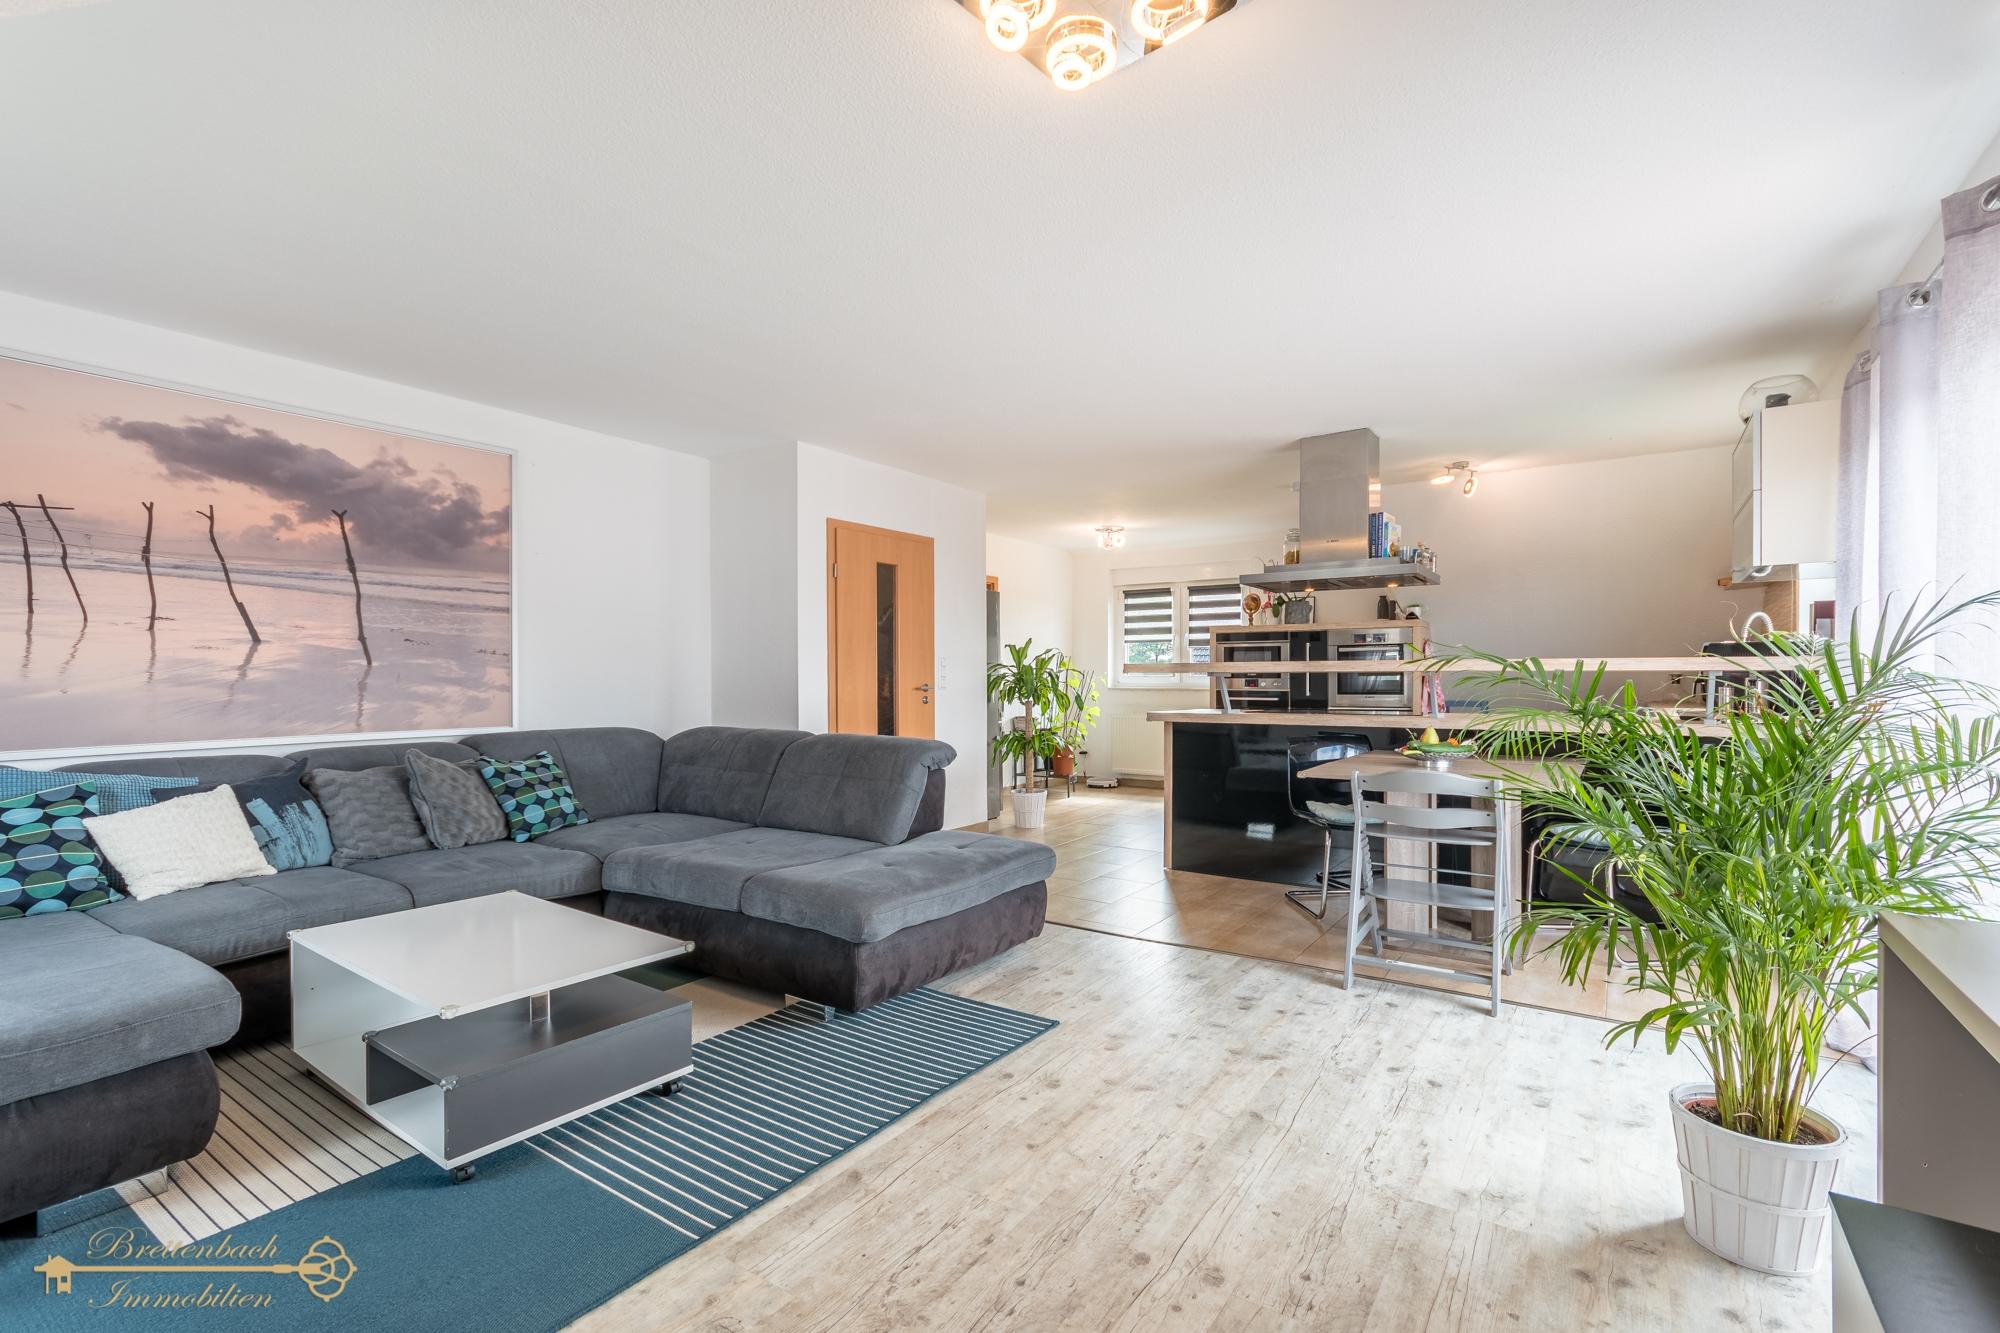 2020-05-26-Breitenbach-Immobilien-7